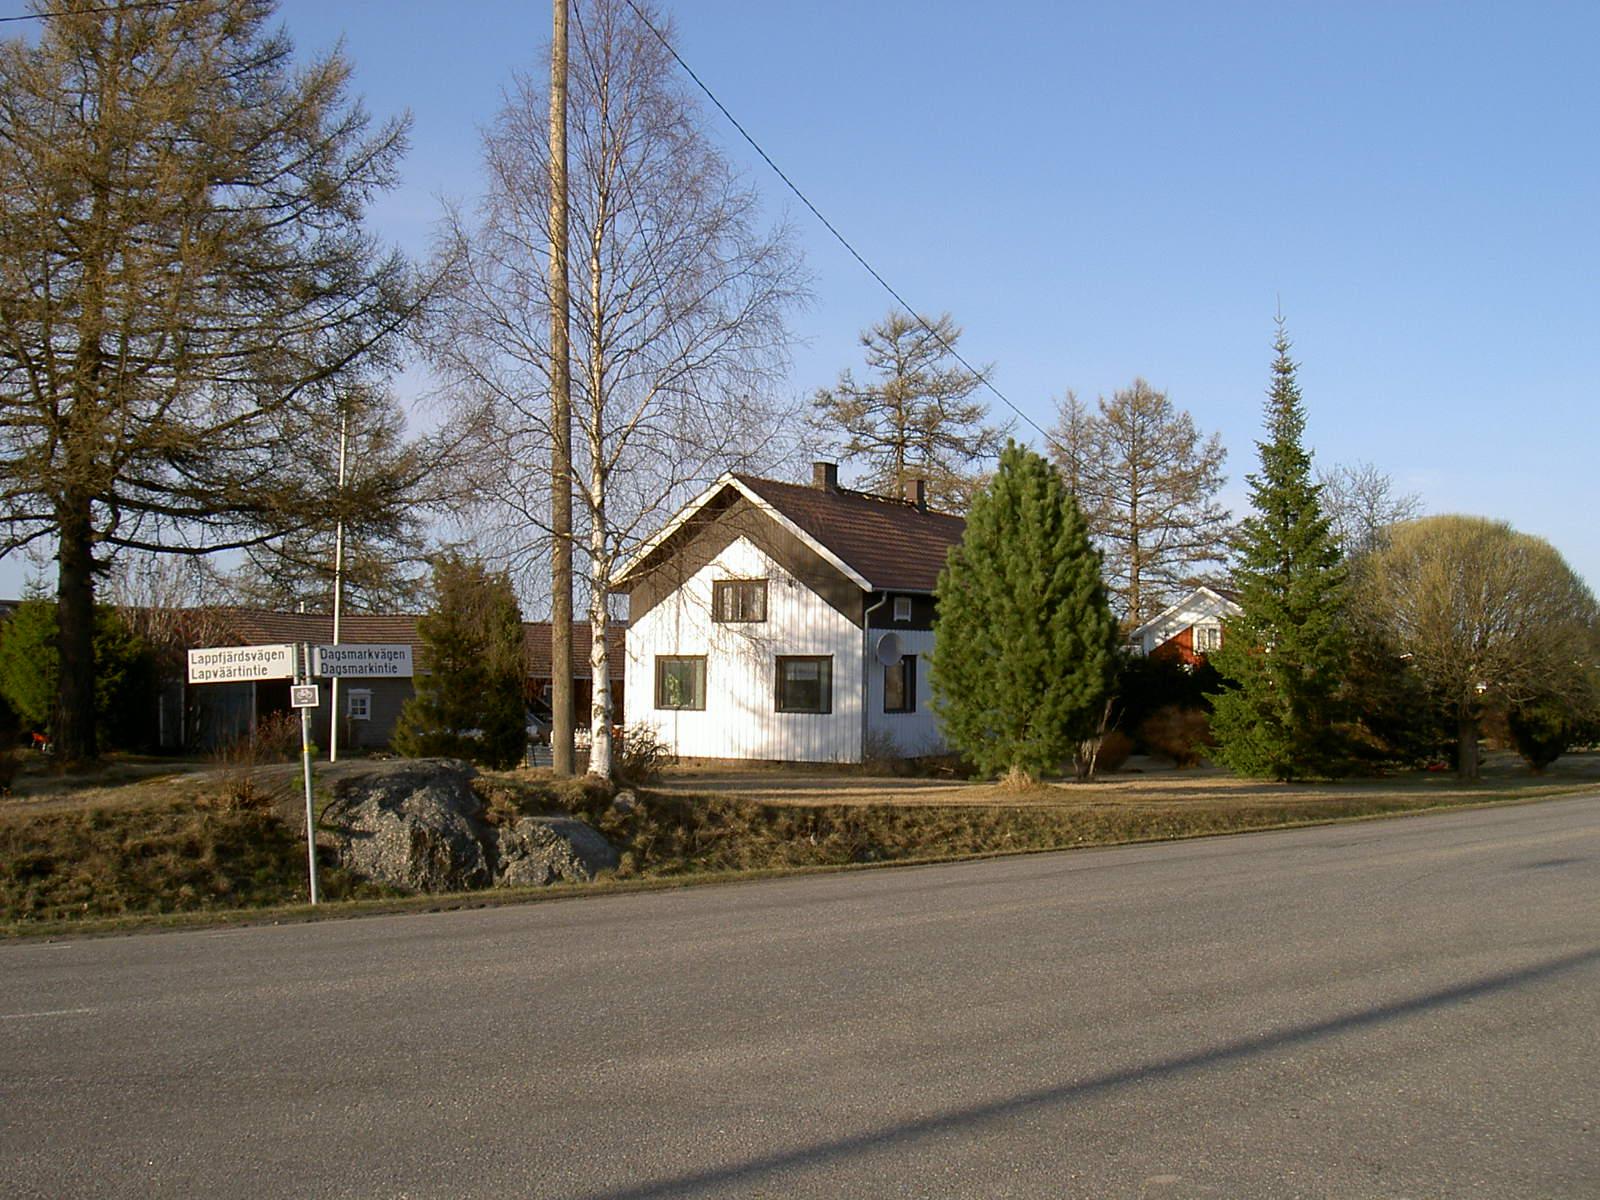 Här en ny bild av Viktors hus, såsom det ser ut idag. Härifrån flyttade han österut några hundra meter till det hus han byggde åt sig och Hilda efter att Per och Elin gift sig 1946.